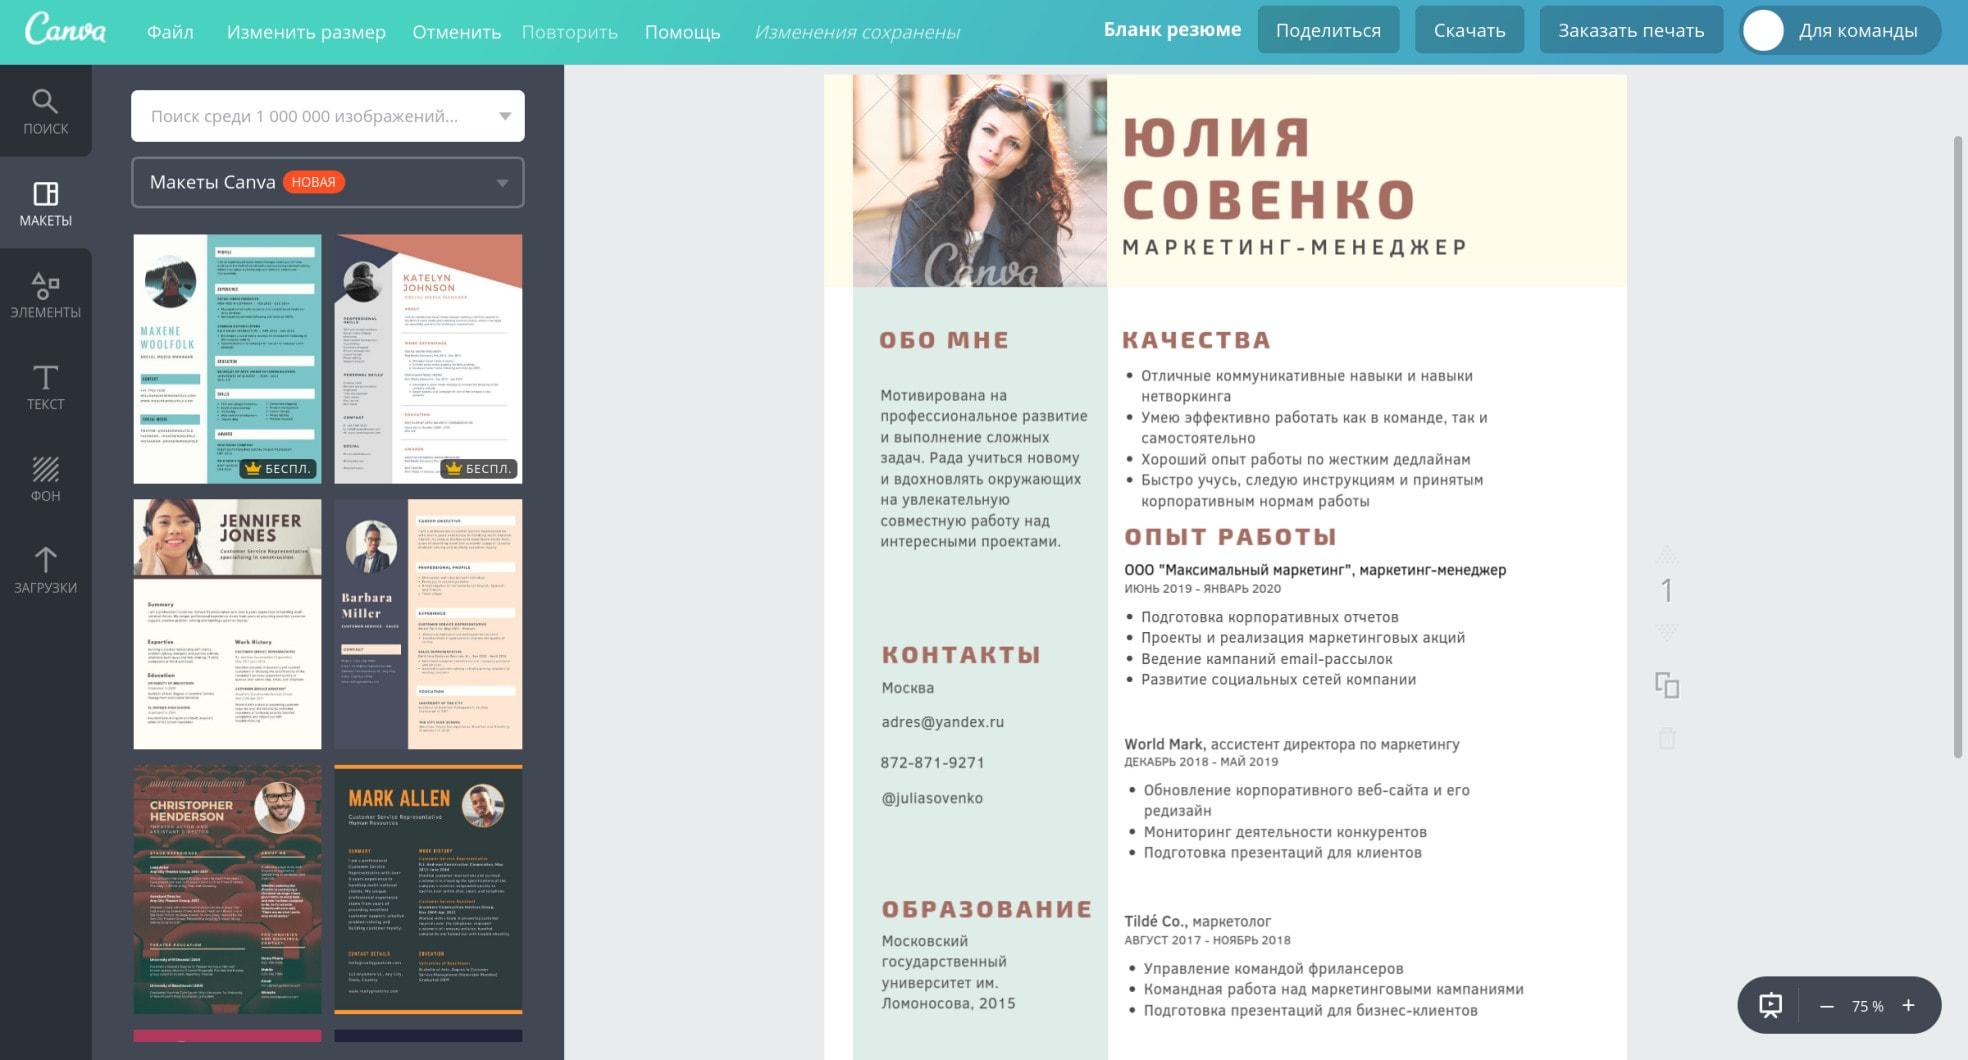 Работа над бланком резюме в онлайн-редакторе Canva